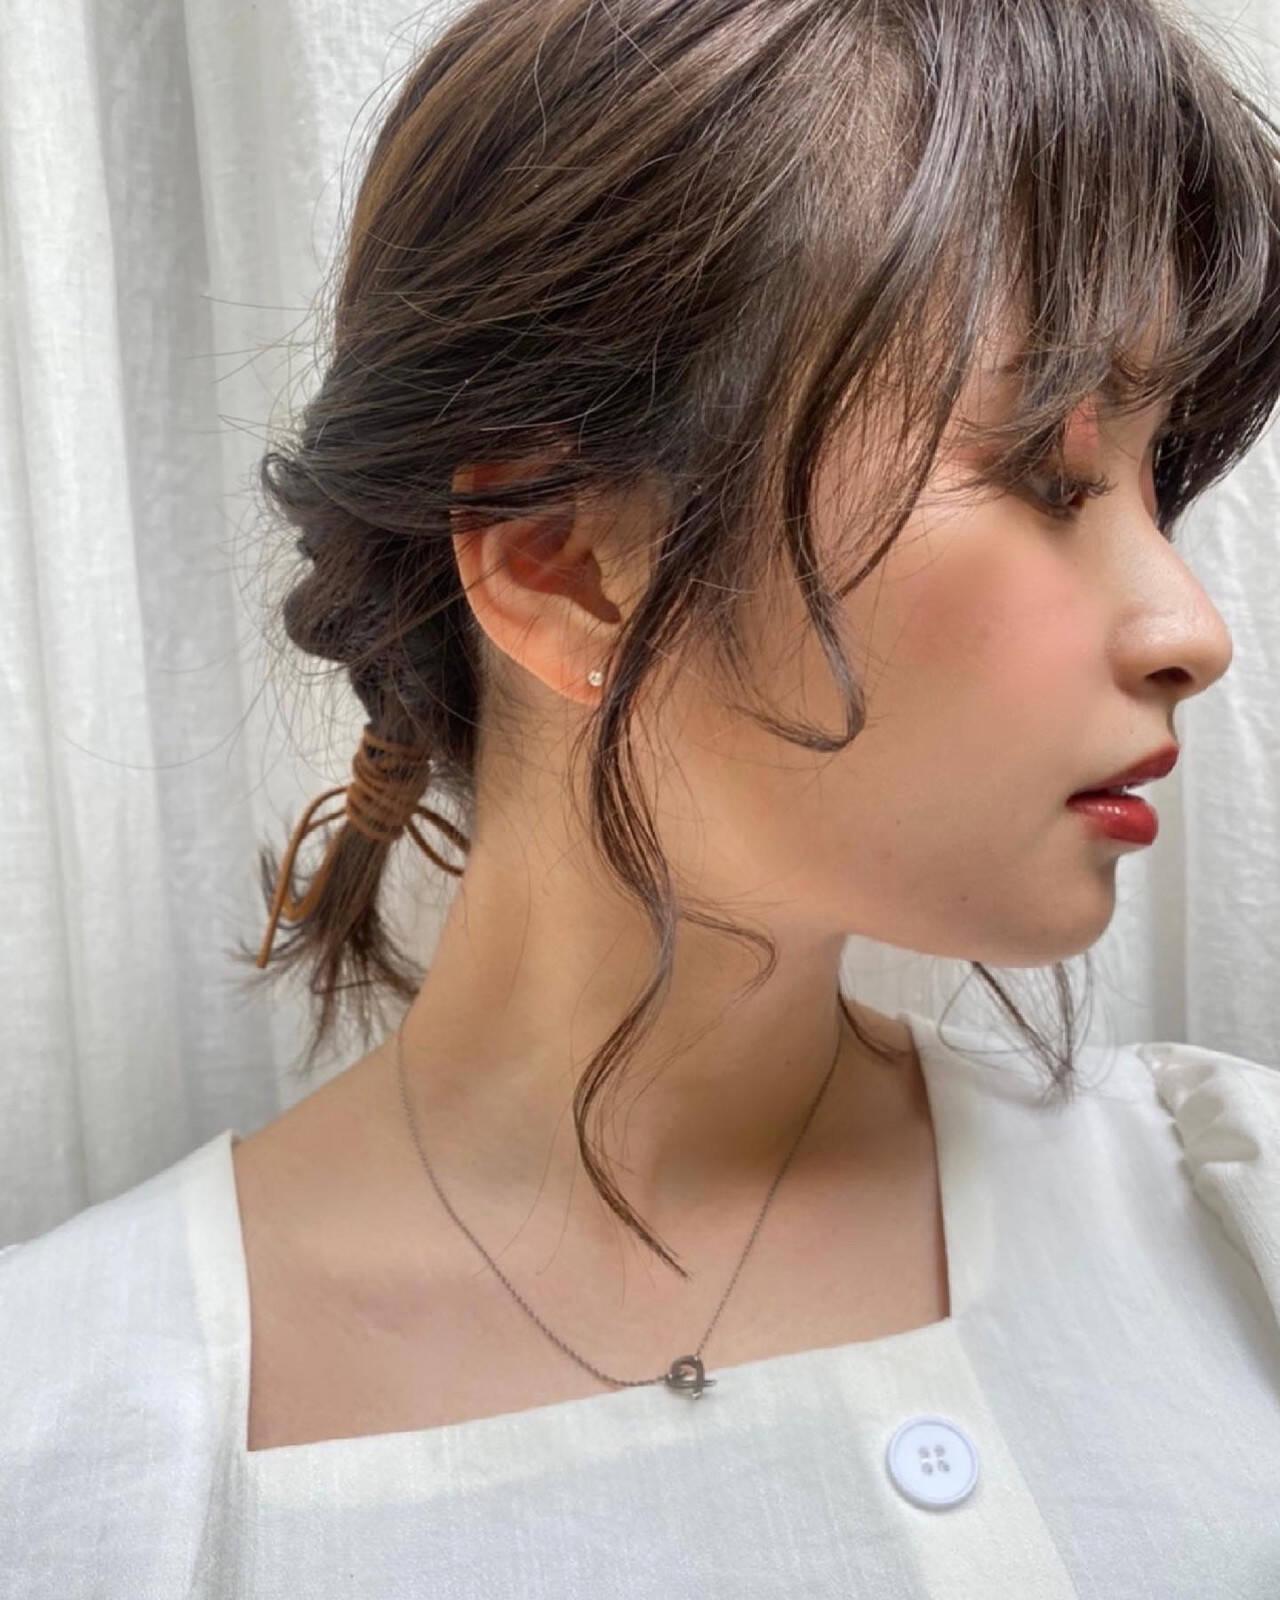 ふわふわヘアアレンジ 簡単ヘアアレンジ ナチュラル ヘアアレンジヘアスタイルや髪型の写真・画像